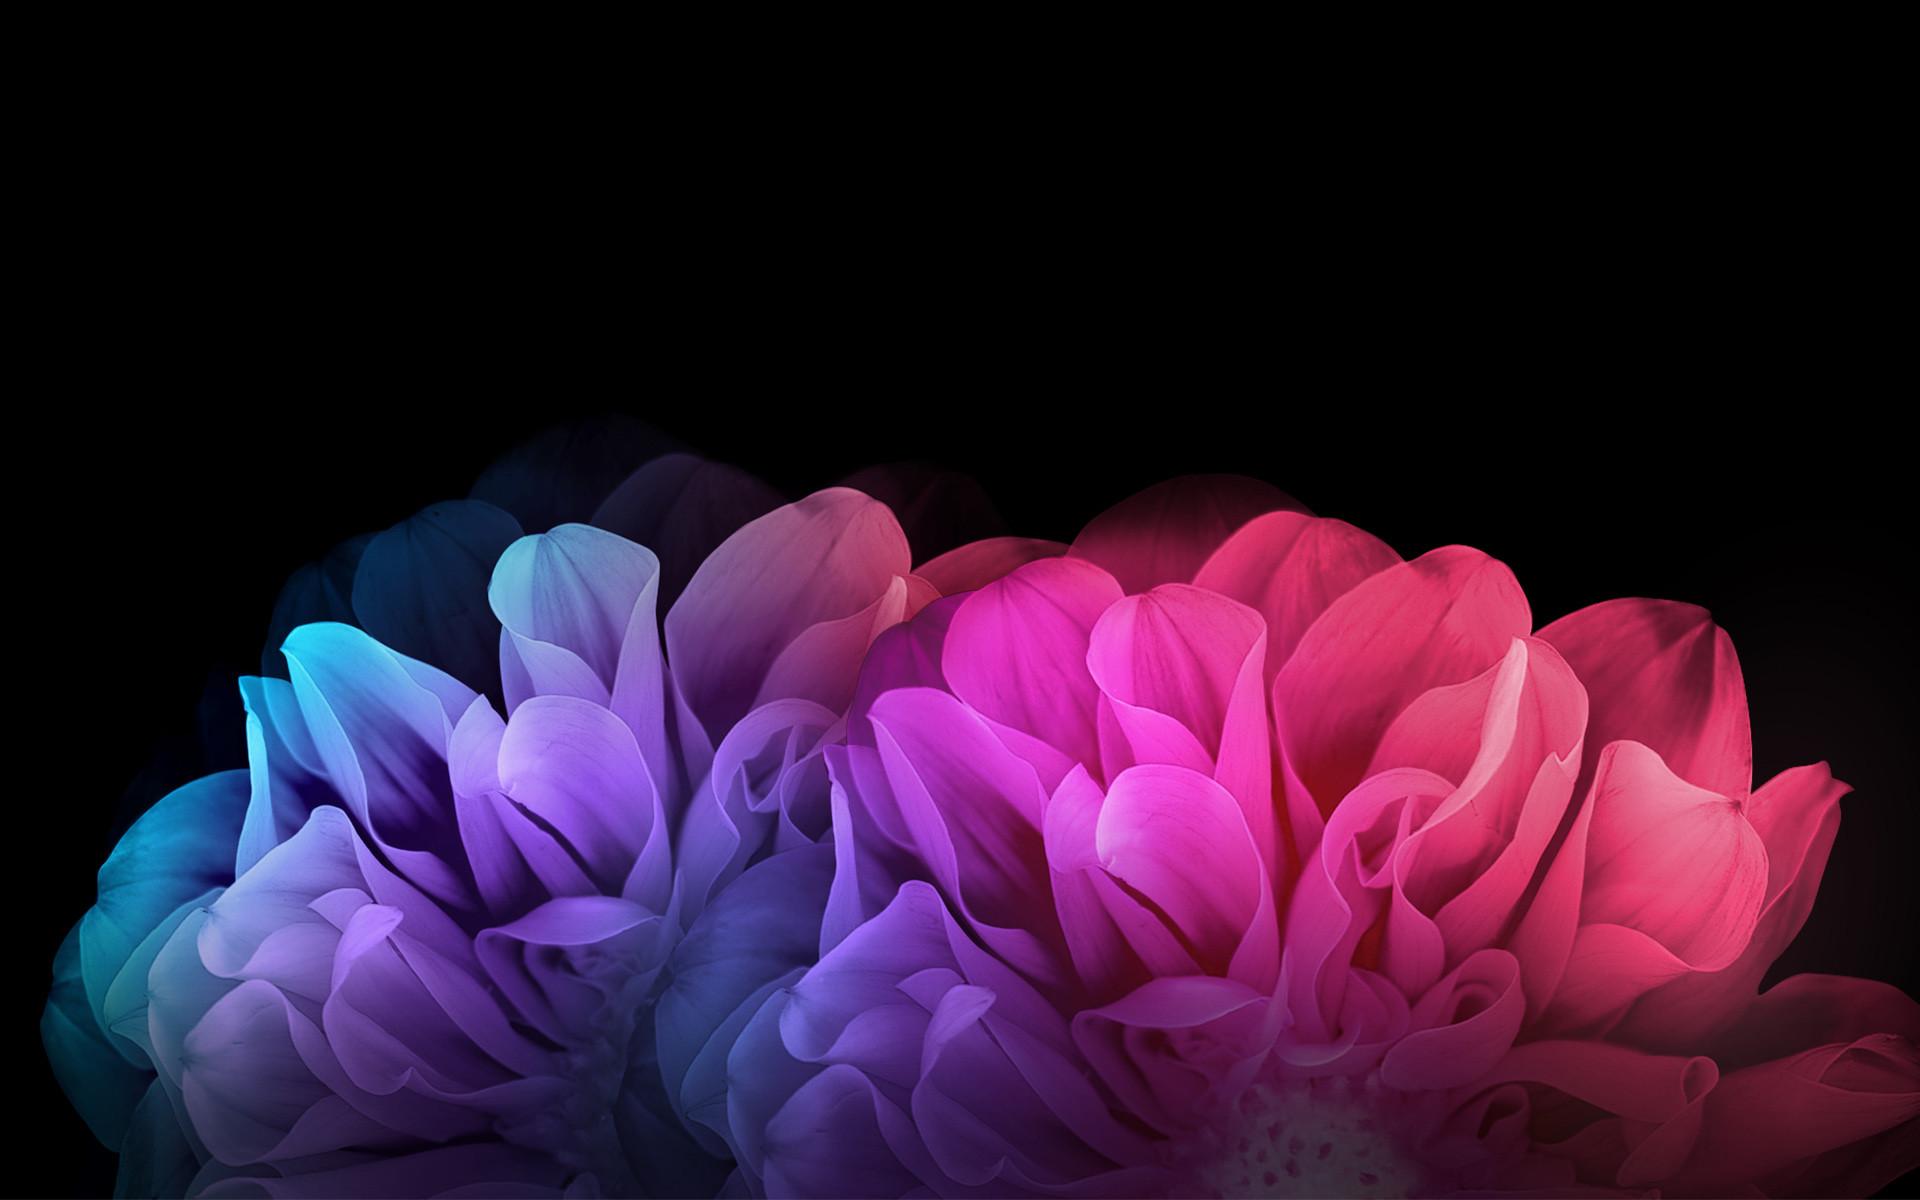 Wallpaper Dark Pink Flower Background